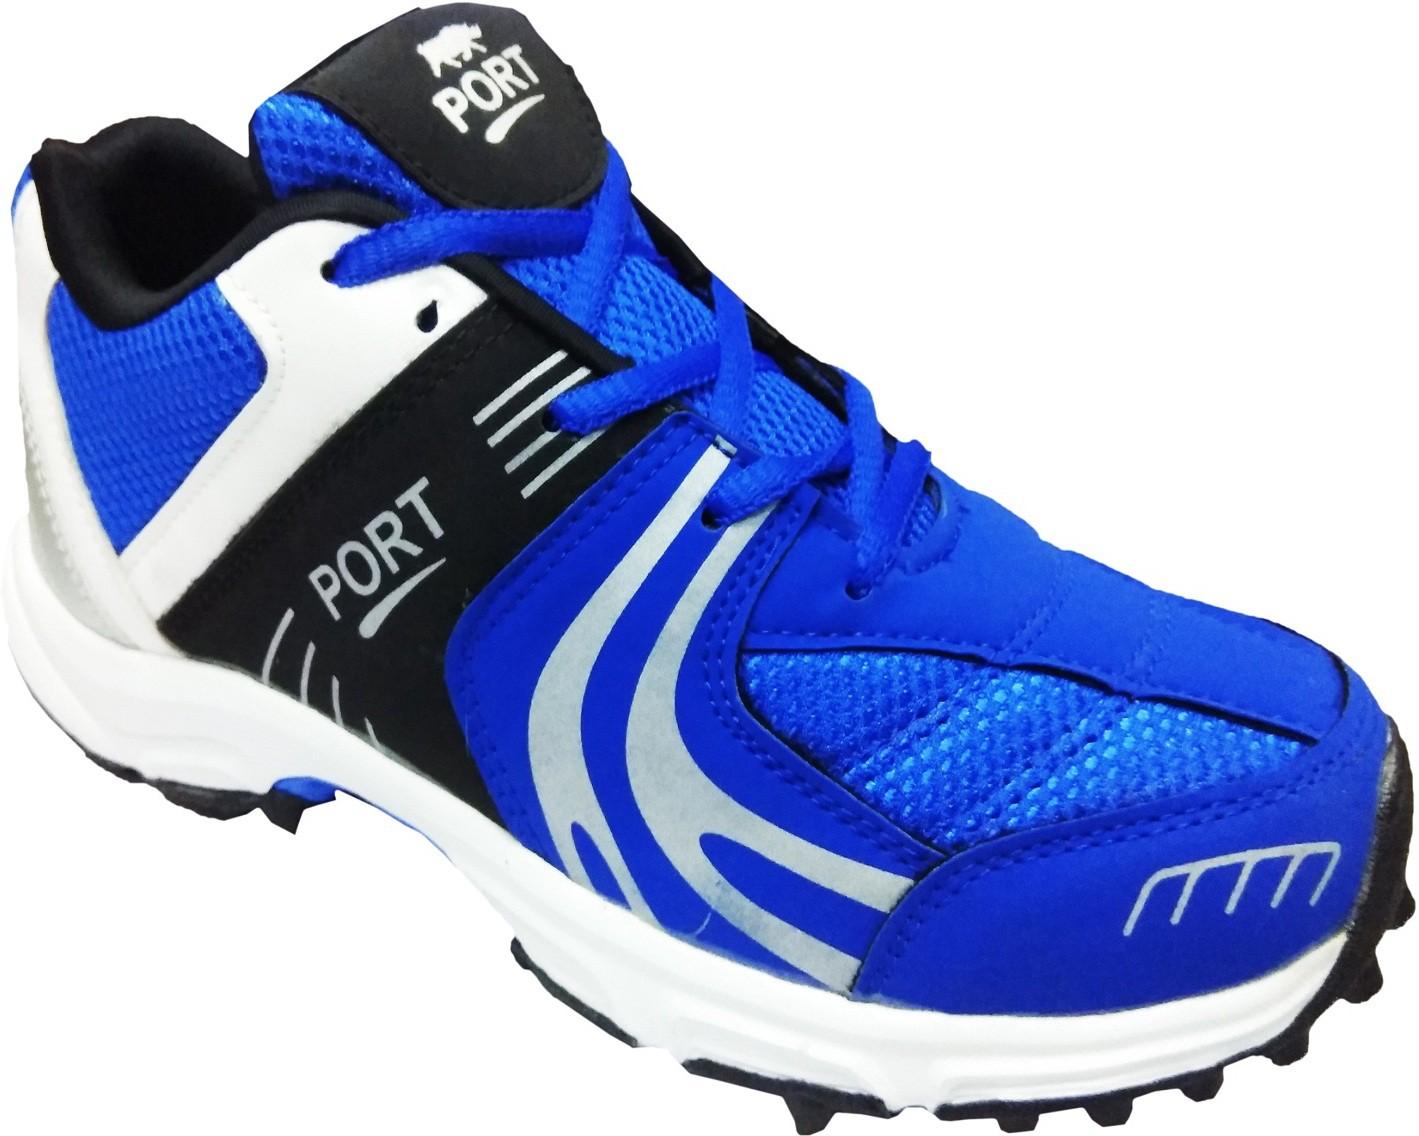 Port GTR Cricket Shoes(Blue)